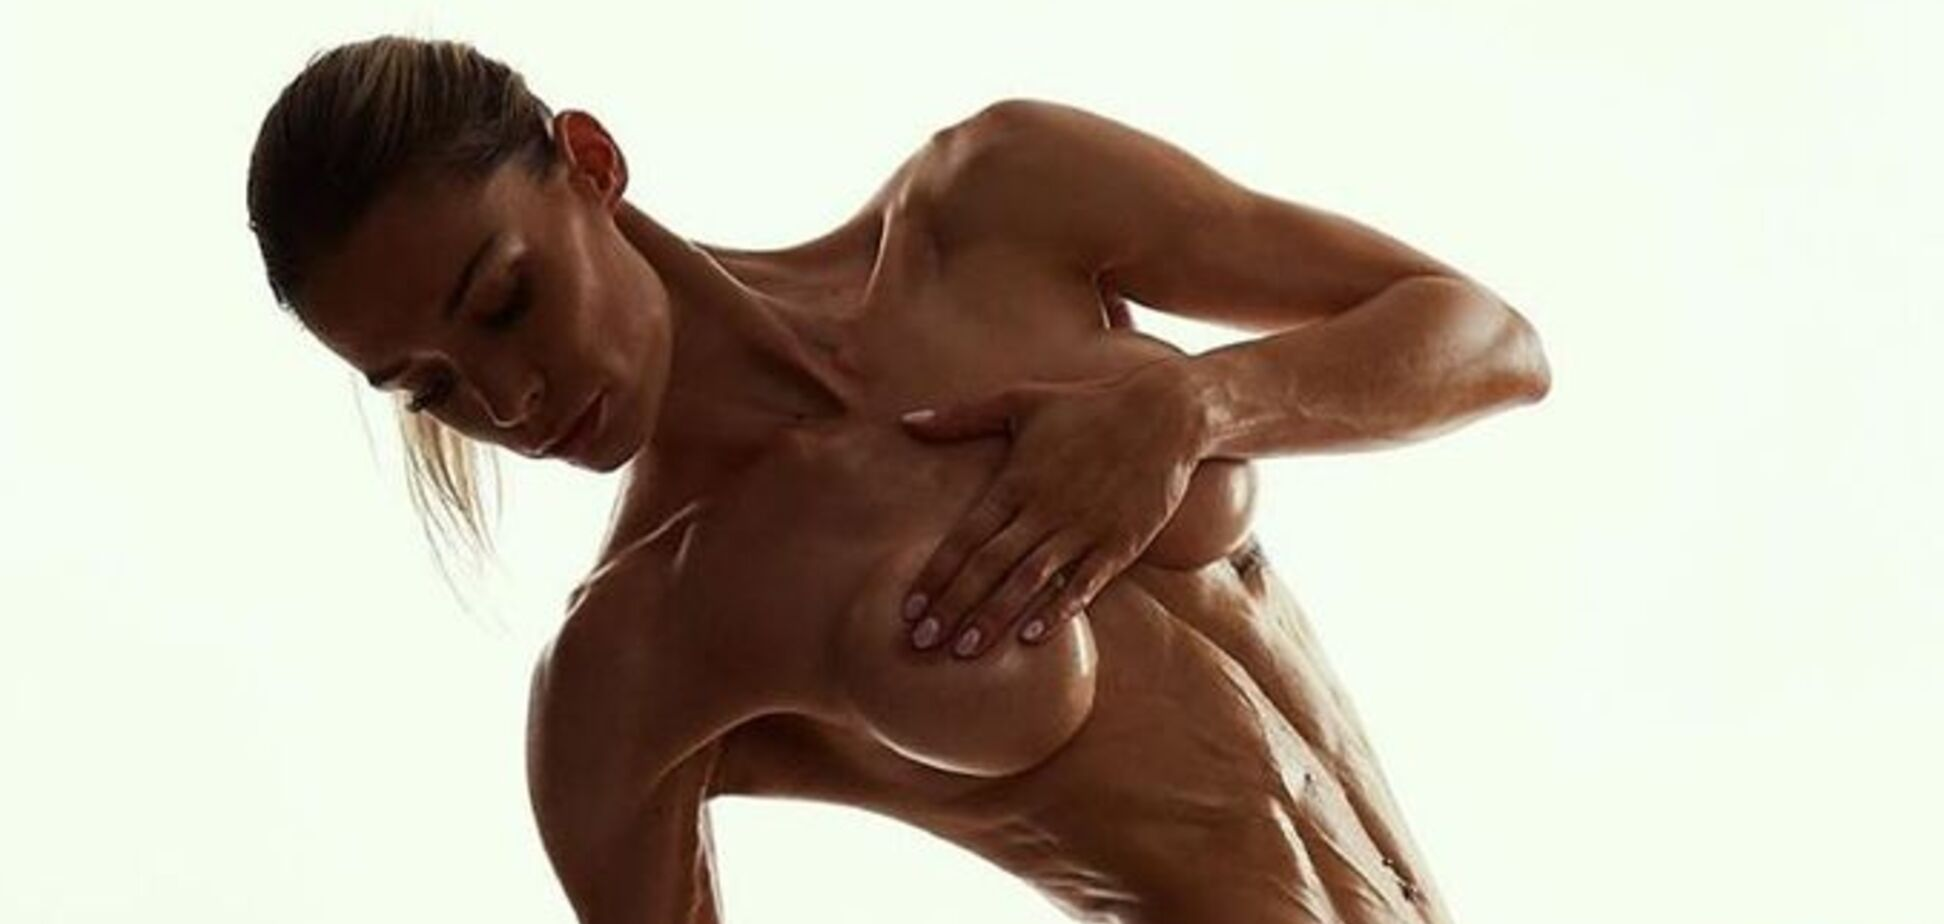 Популярна фітнес-модель знялася повністю голою і закликала всіх роздягатися